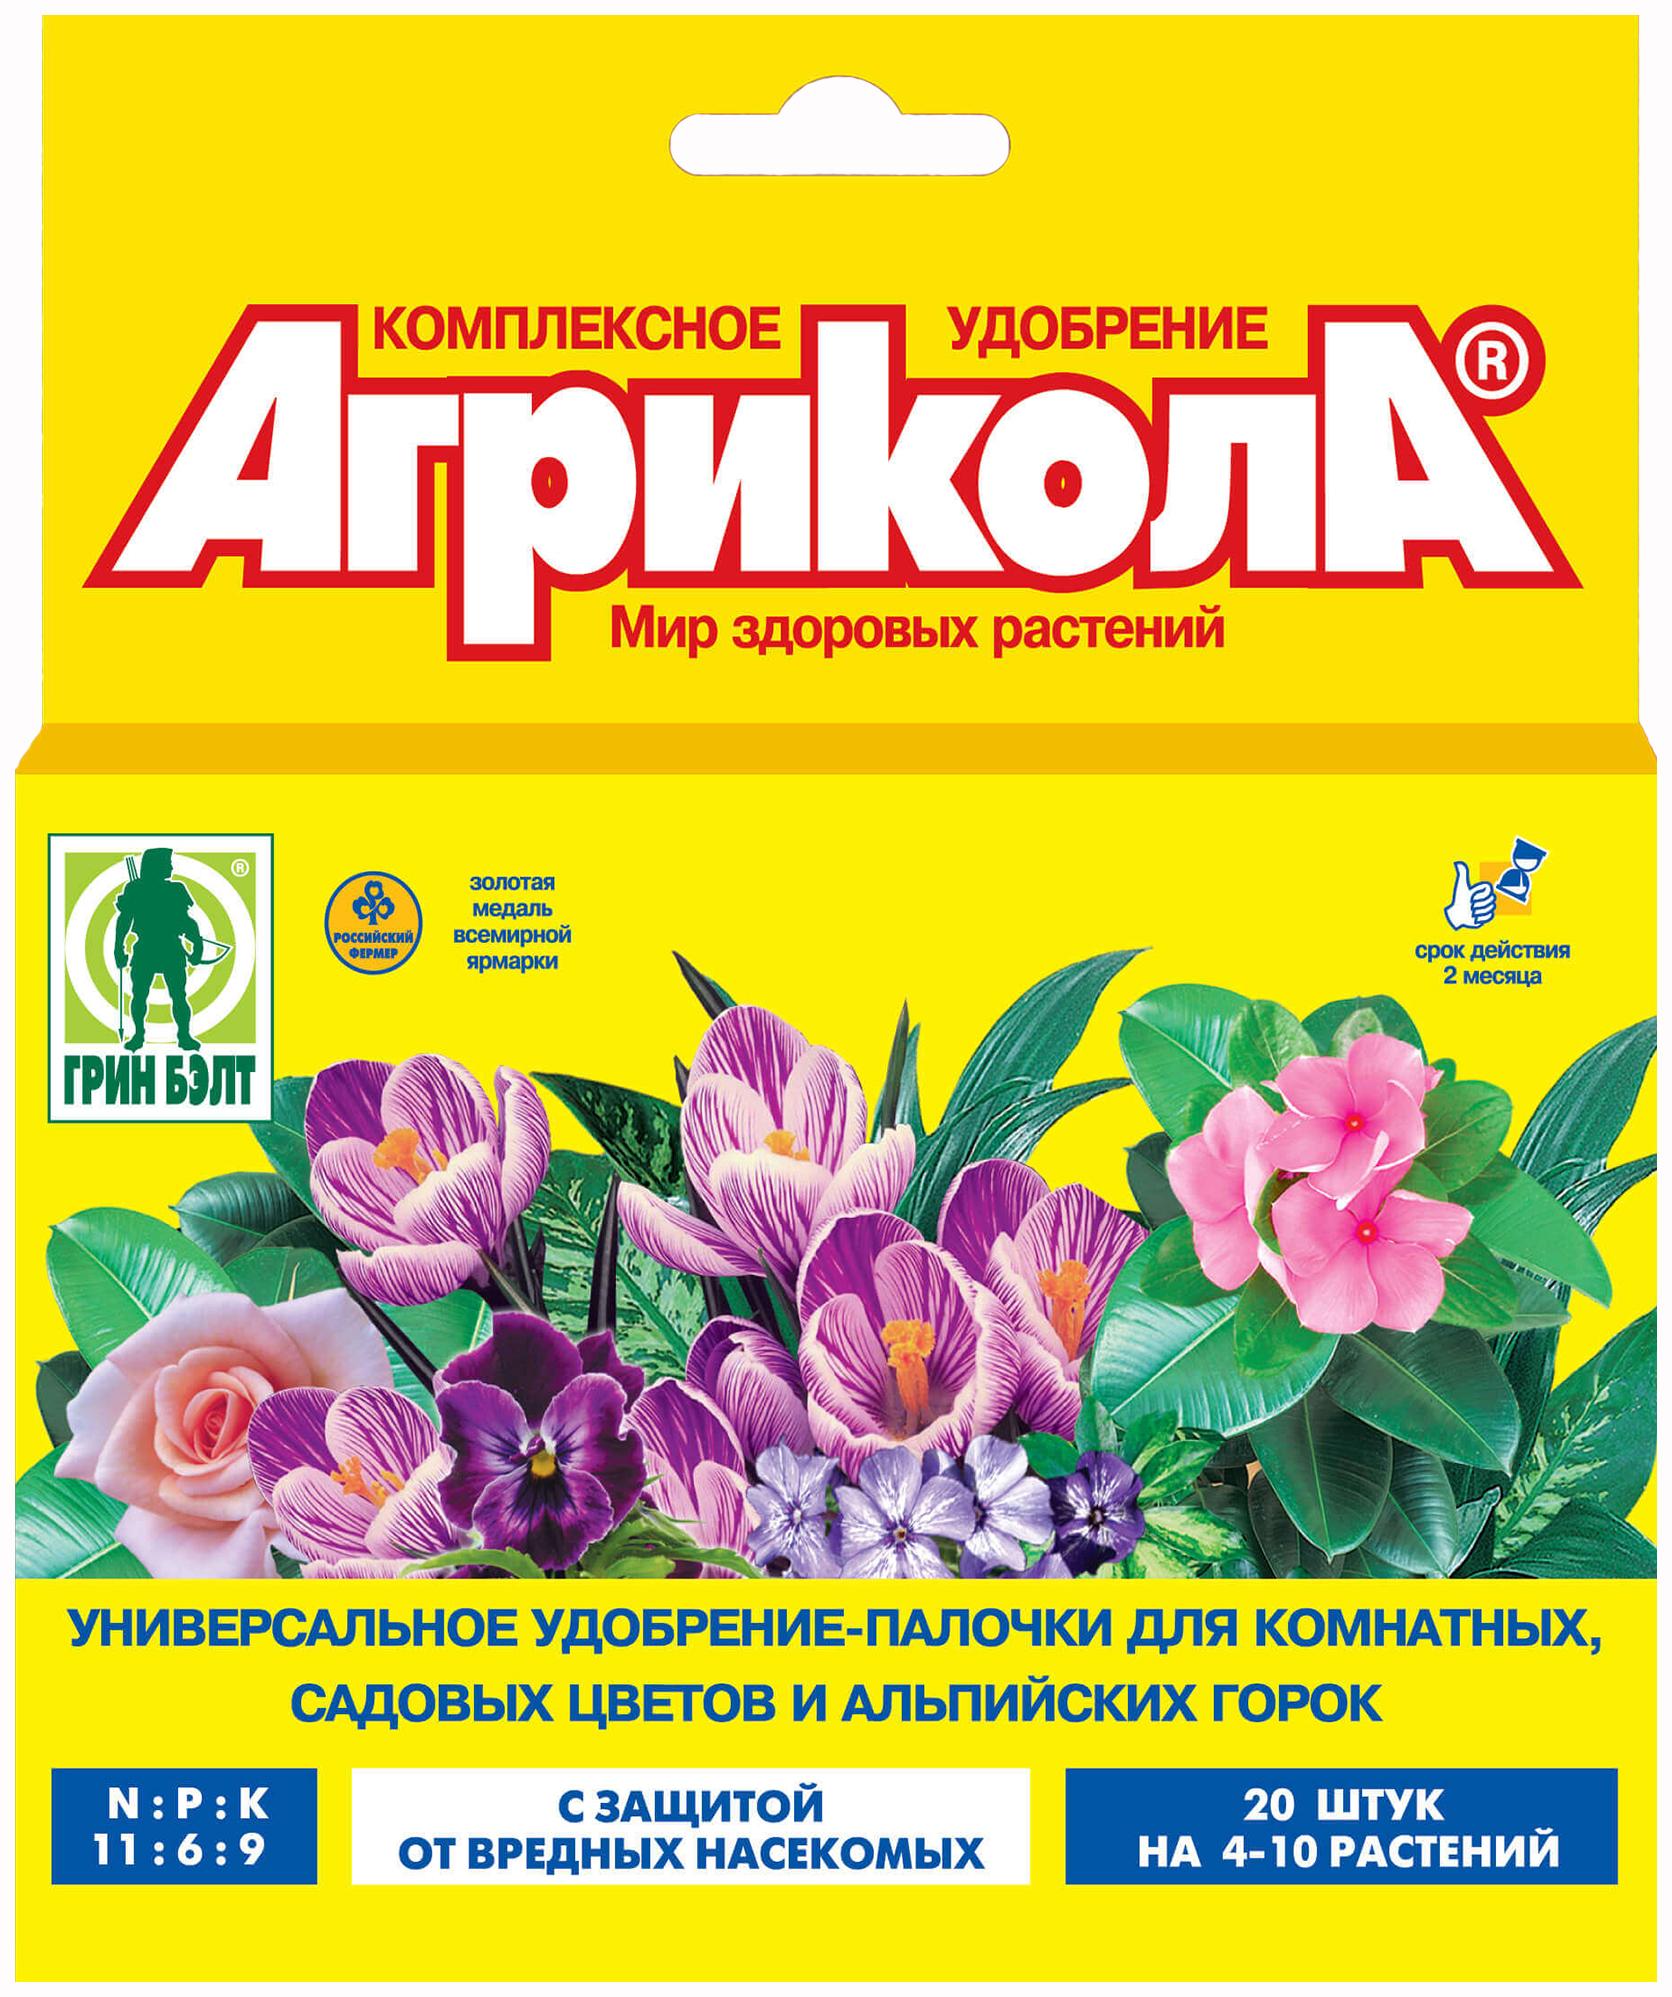 Агрикола-палочки Грин Бэлт универсальные цветочные с защитой от вредных насекомых, 20 шт,